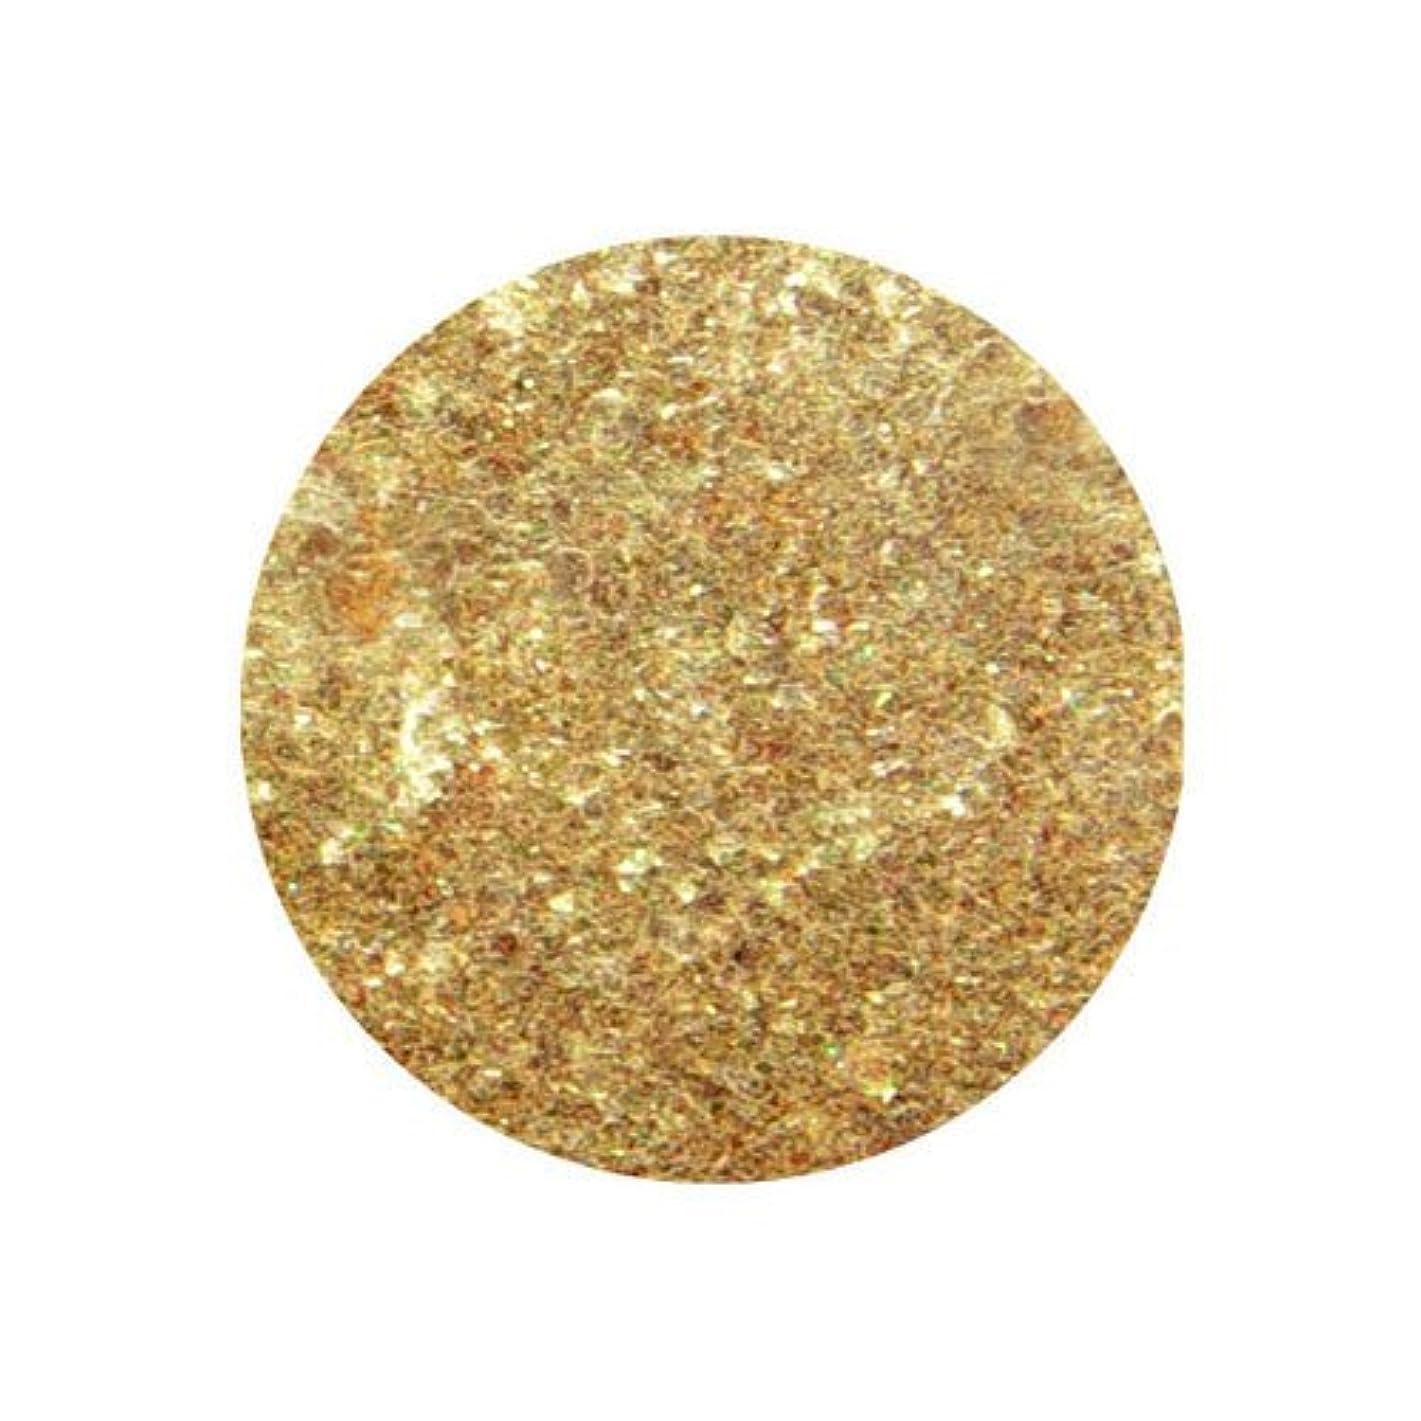 記録背骨真鍮ピカエース クリスタルパール L #432-CKL ゴールド 0.5g アート材